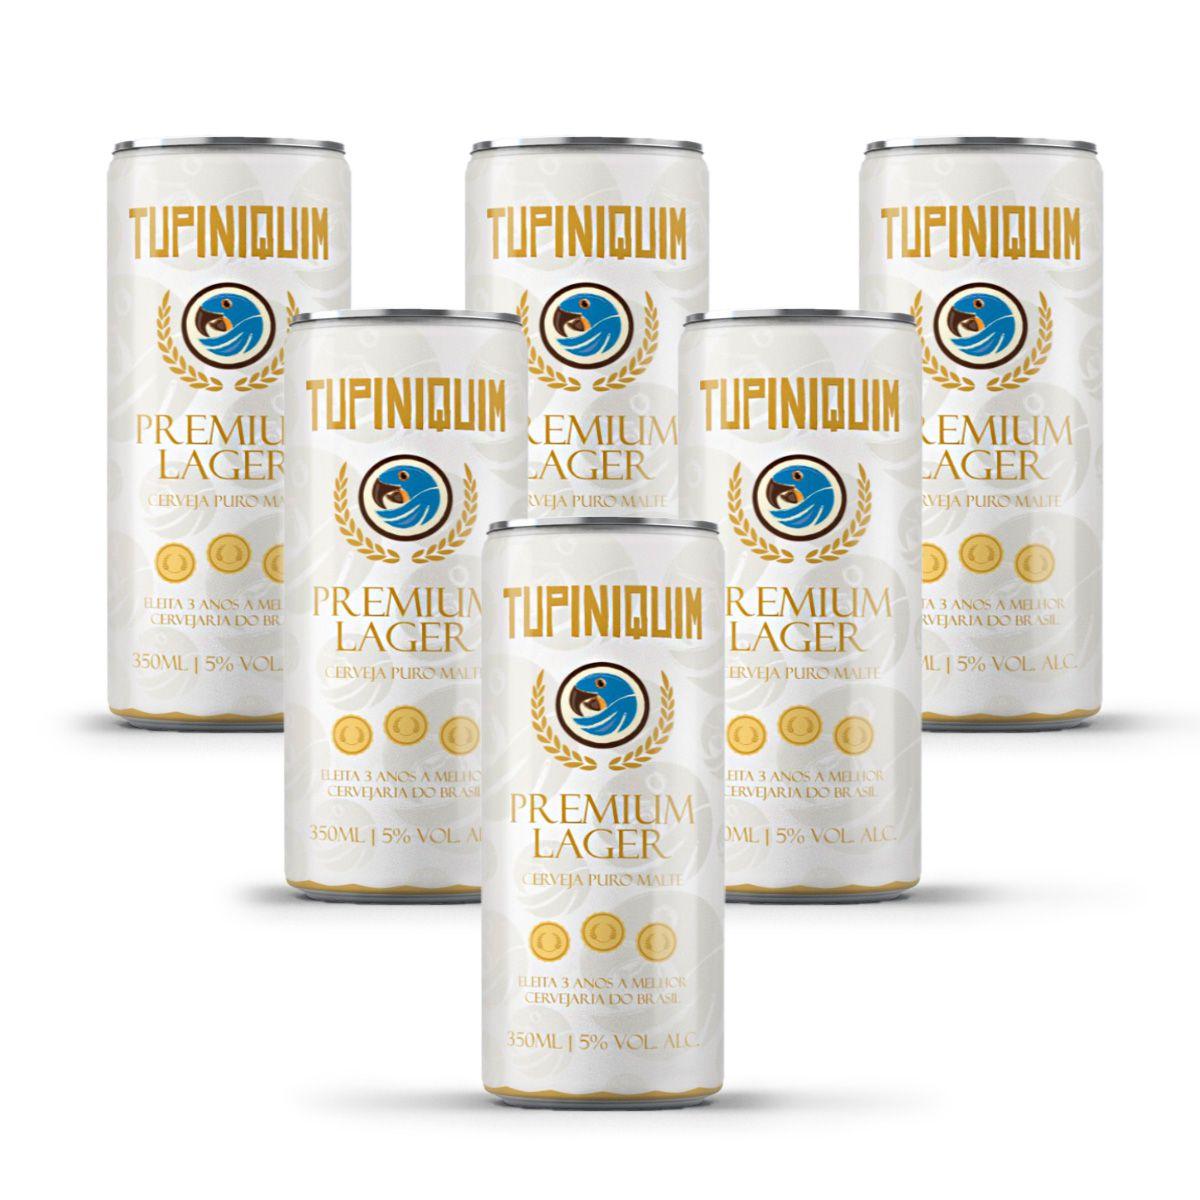 Pack Tupiniquim Premium Lager 6 latas 350ml